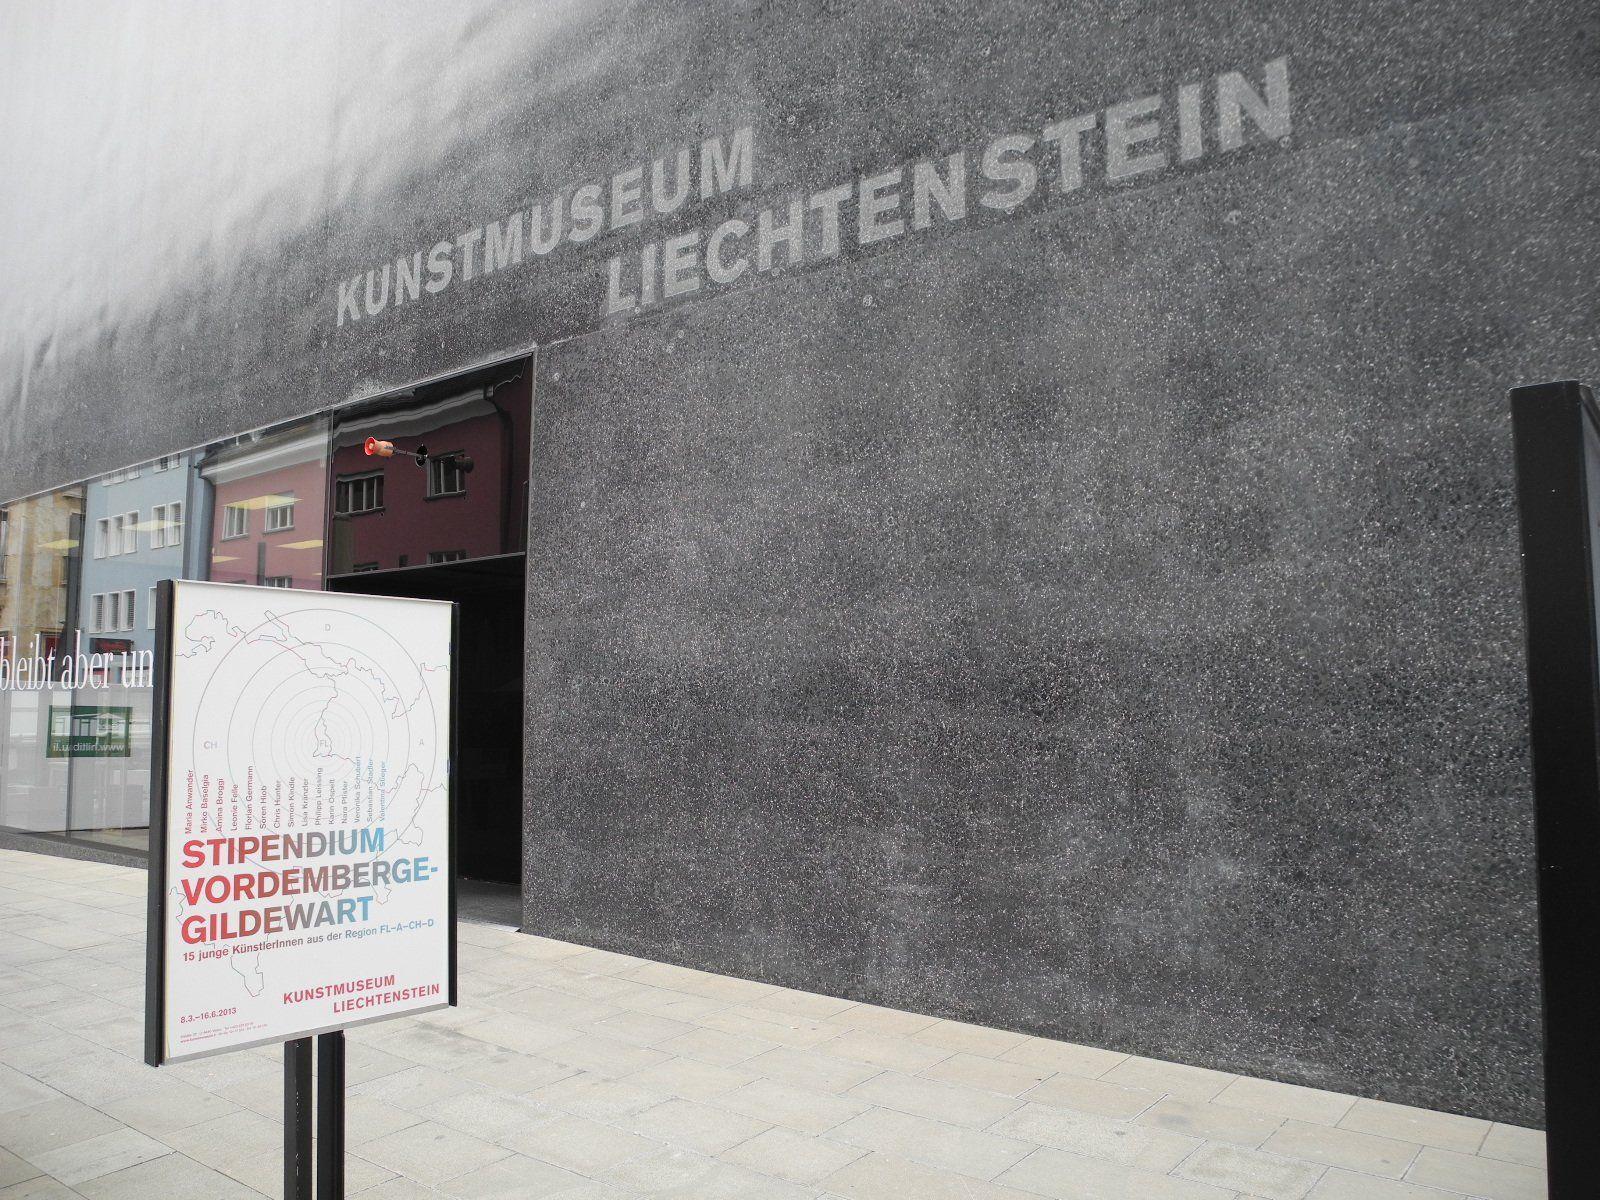 Das Kunstmuseum Liechtenstein zeigt zeitgenössische Kunst von jungen Künstlern